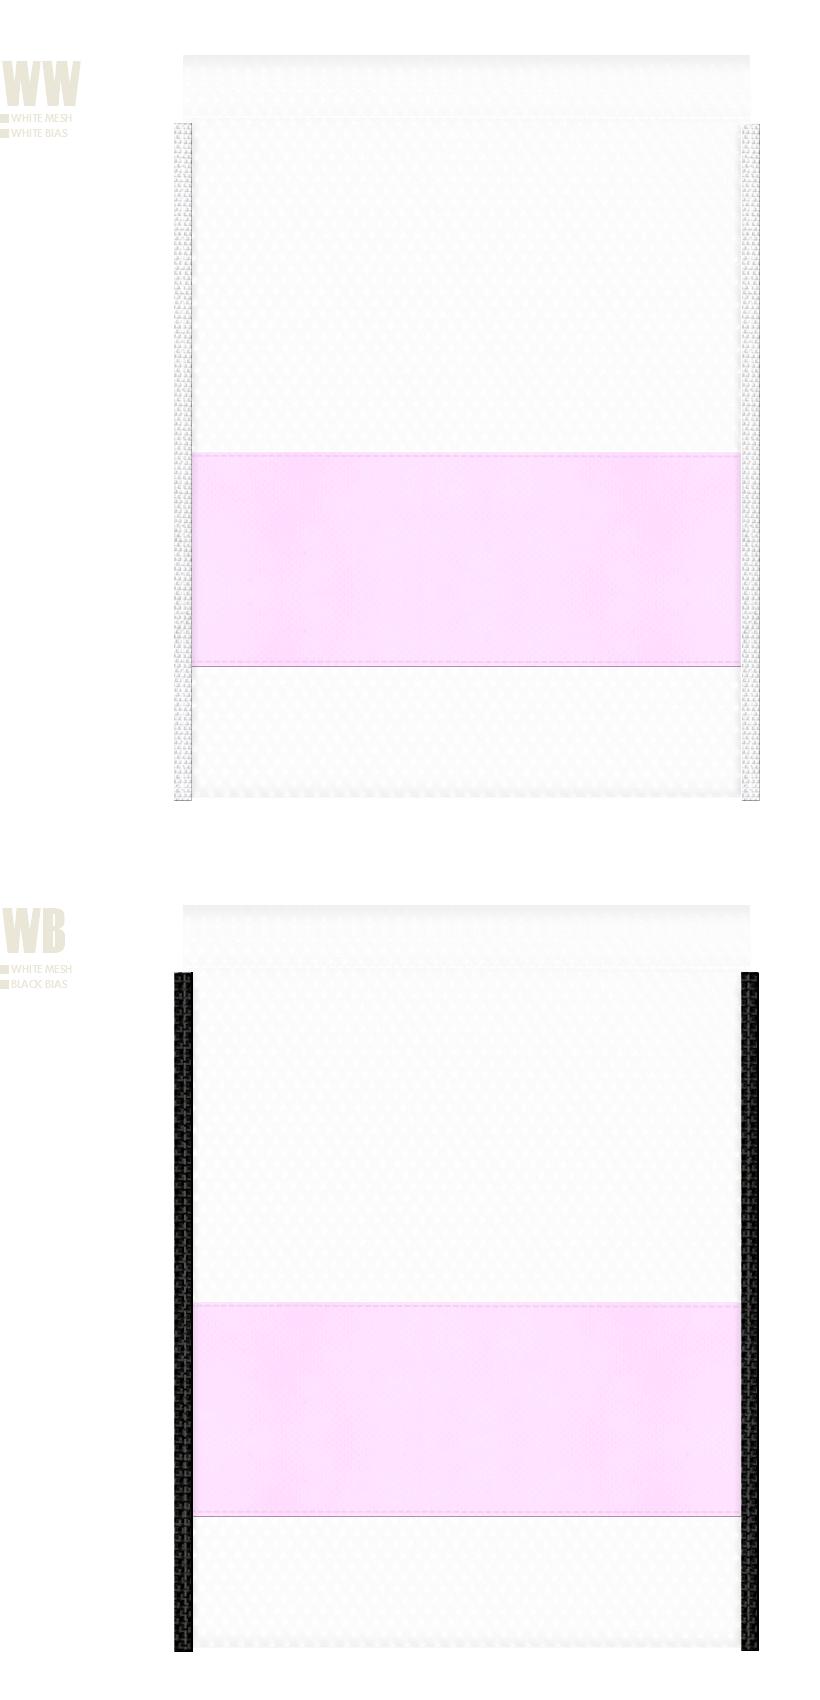 白色メッシュとパステルピンク色不織布のメッシュバッグカラーシミュレーション:キャンプ用品・アウトドア用品・スポーツ用品・シューズバッグ・コスメの販促ノベルティにお奨め